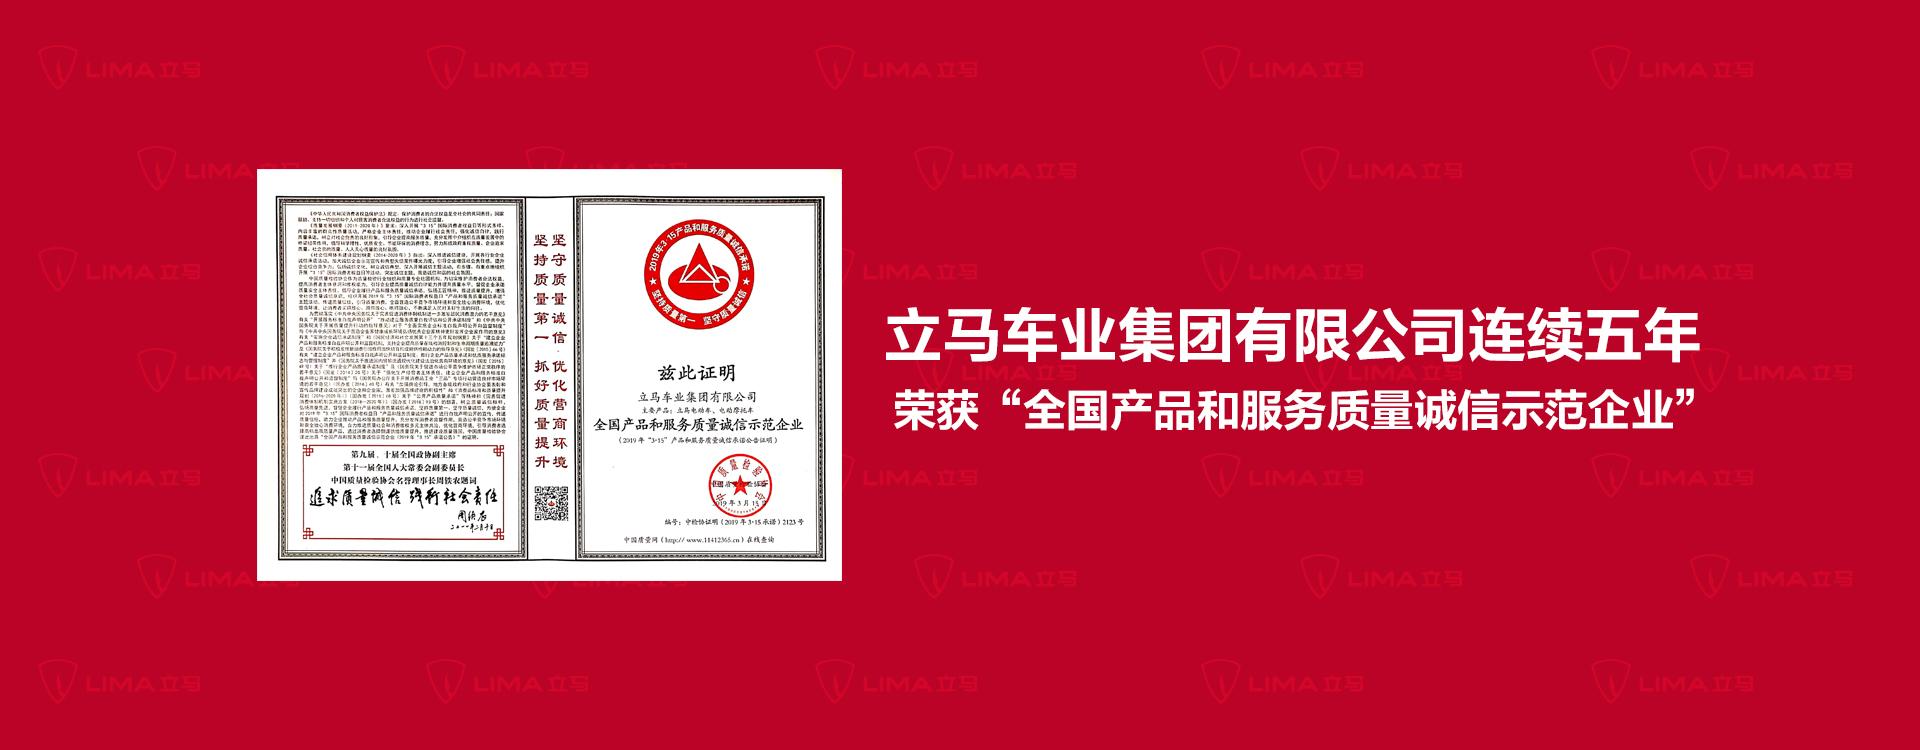 连续5年荣获全国产品和服务质量诚信示范企业